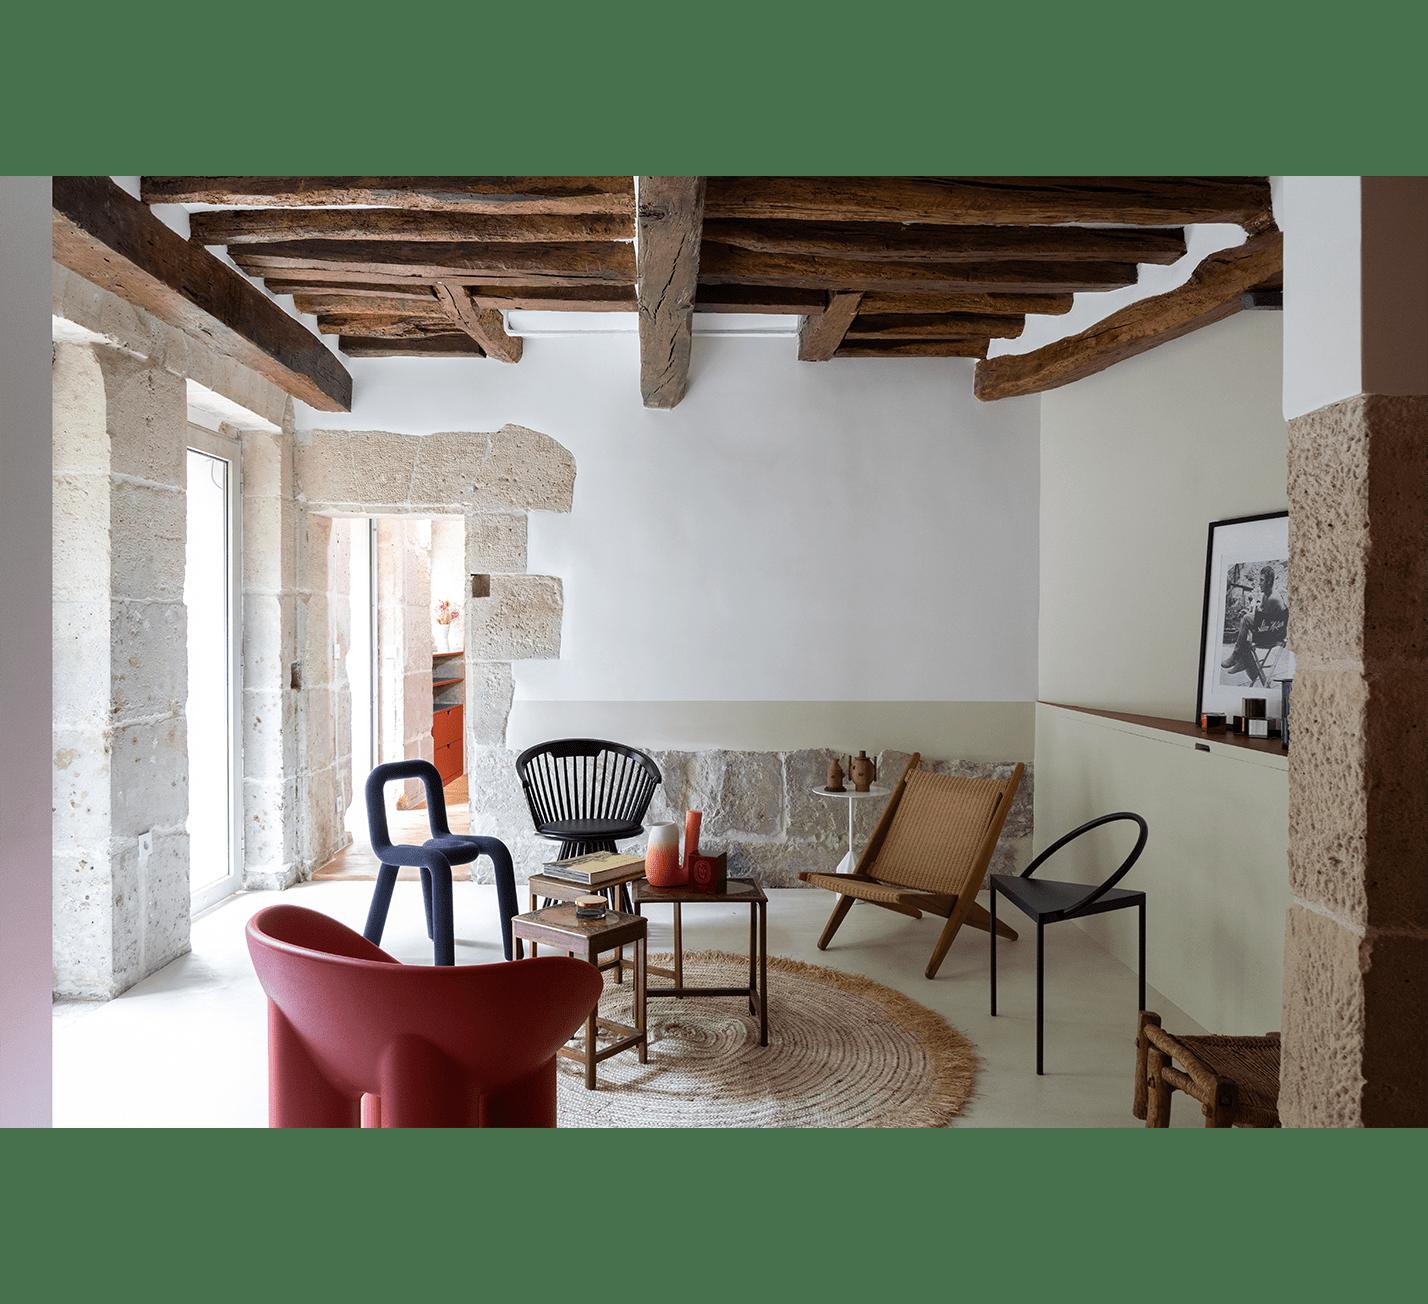 Projet-Gobelins-Atelier-Steve-Pauline-Borgia-Architecte-interieur-04-min